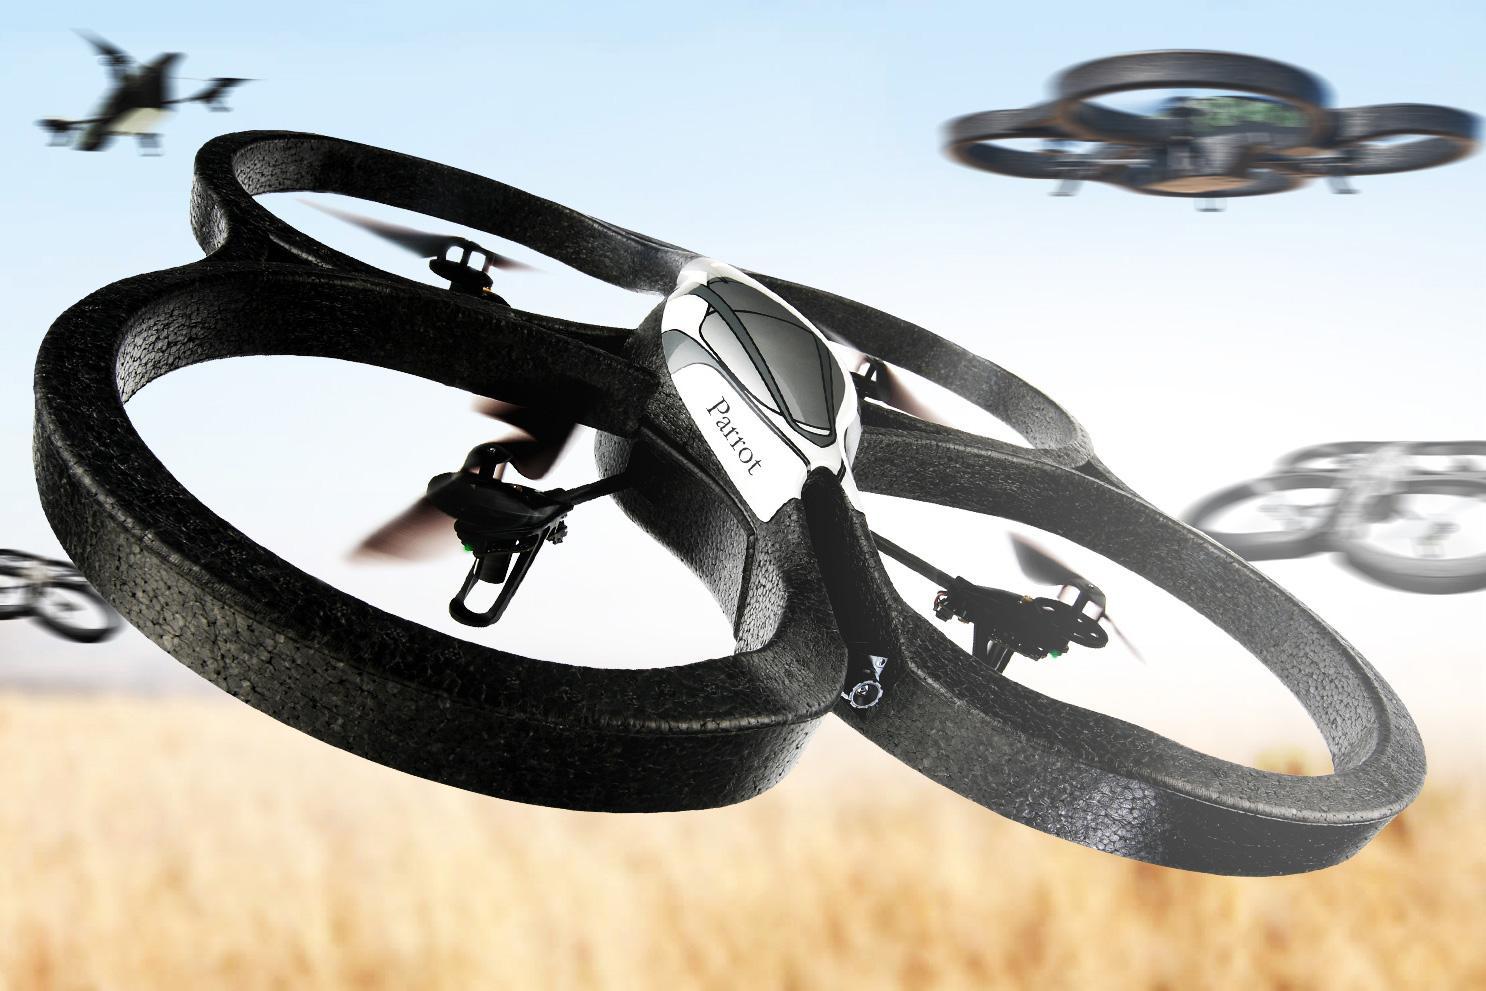 drones-101-guide.jpg